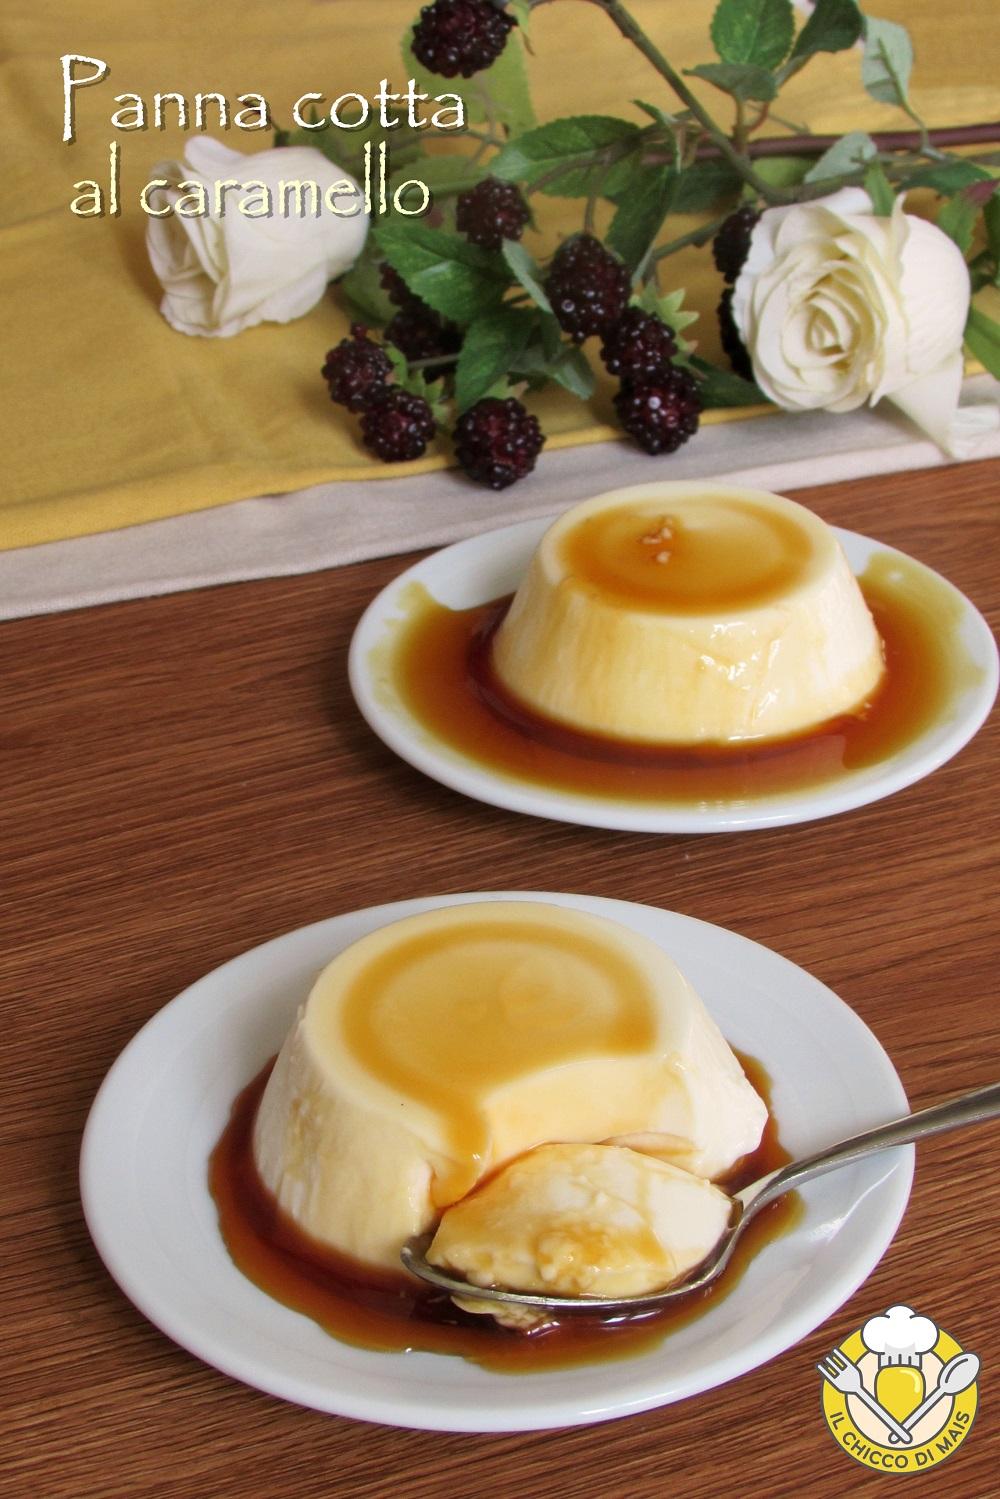 verticale_panna cotta al caramello come fare la salsa liquida panna cotta con poca gelatina il chicco di mais